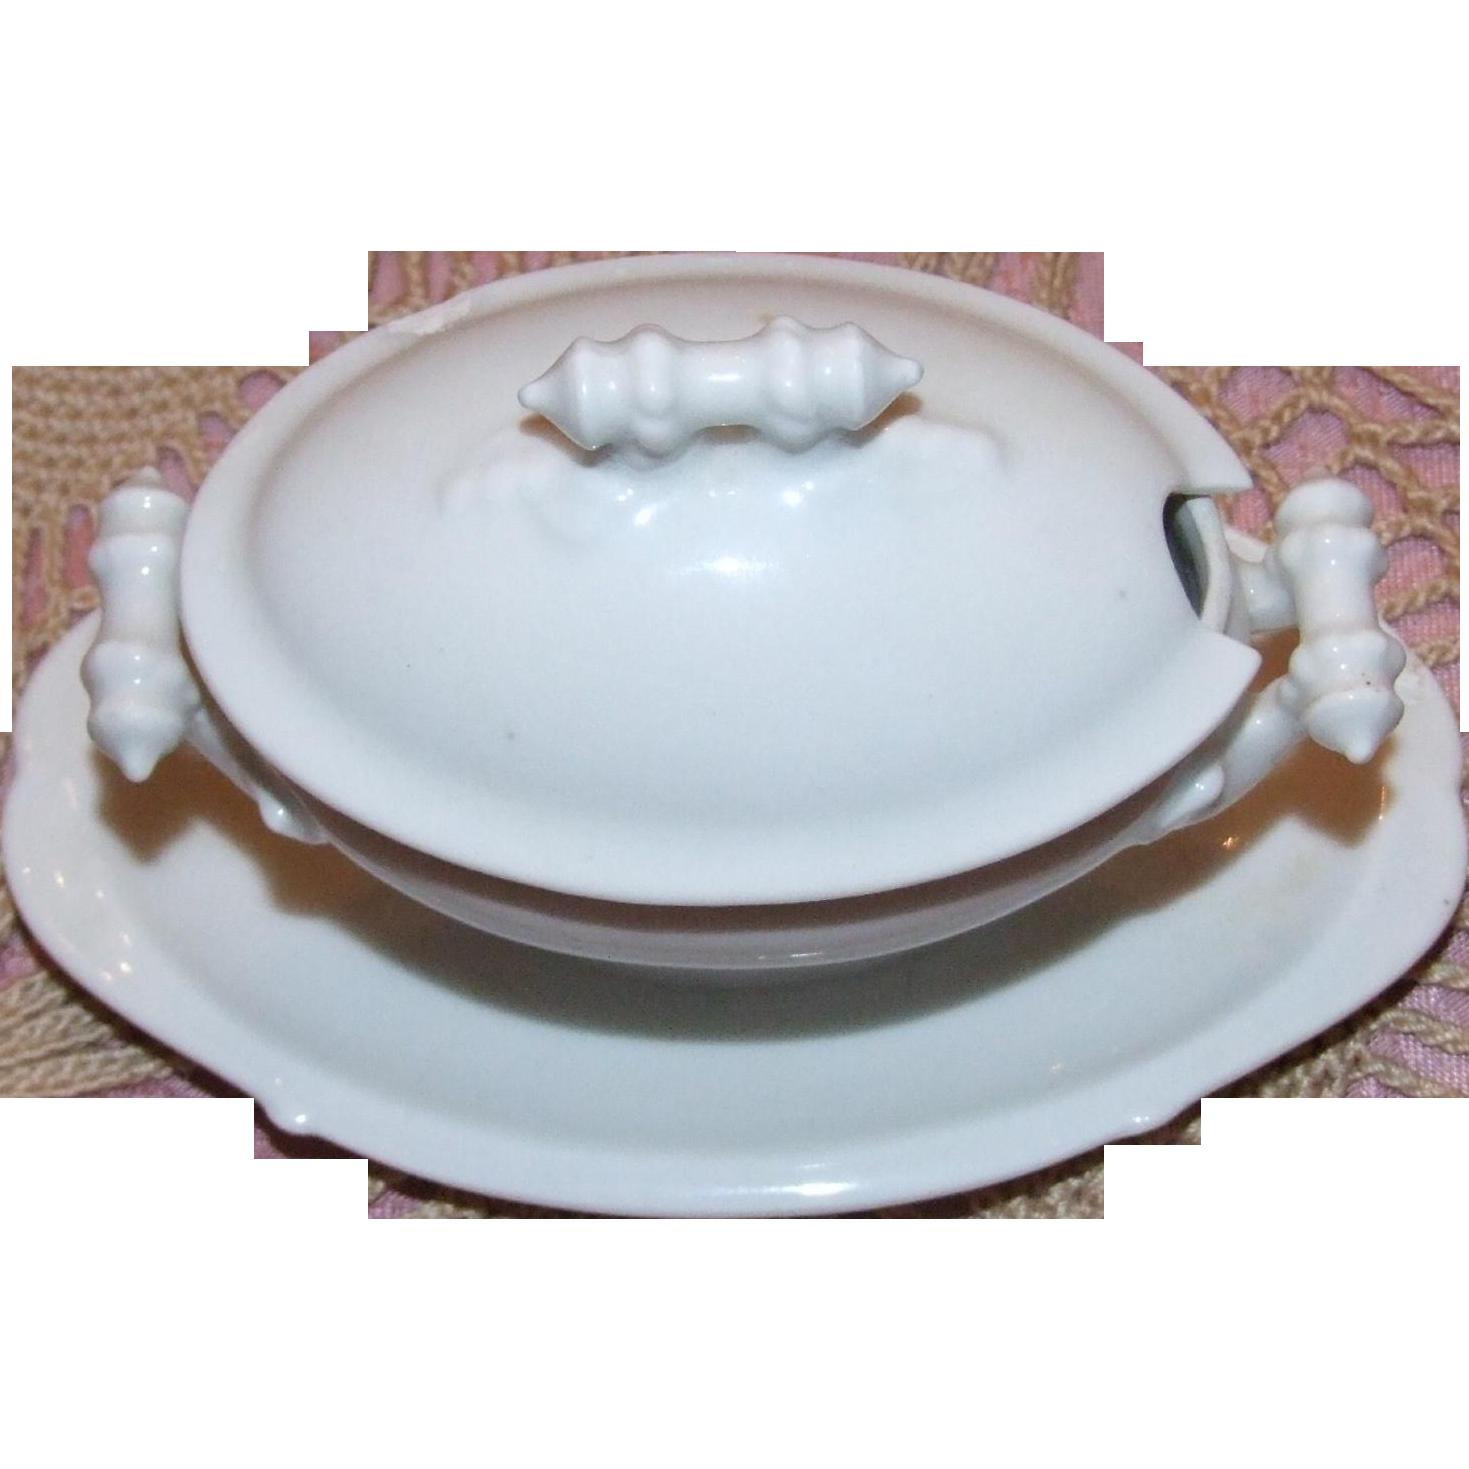 Vintage porcelain soup tureen for child or doll